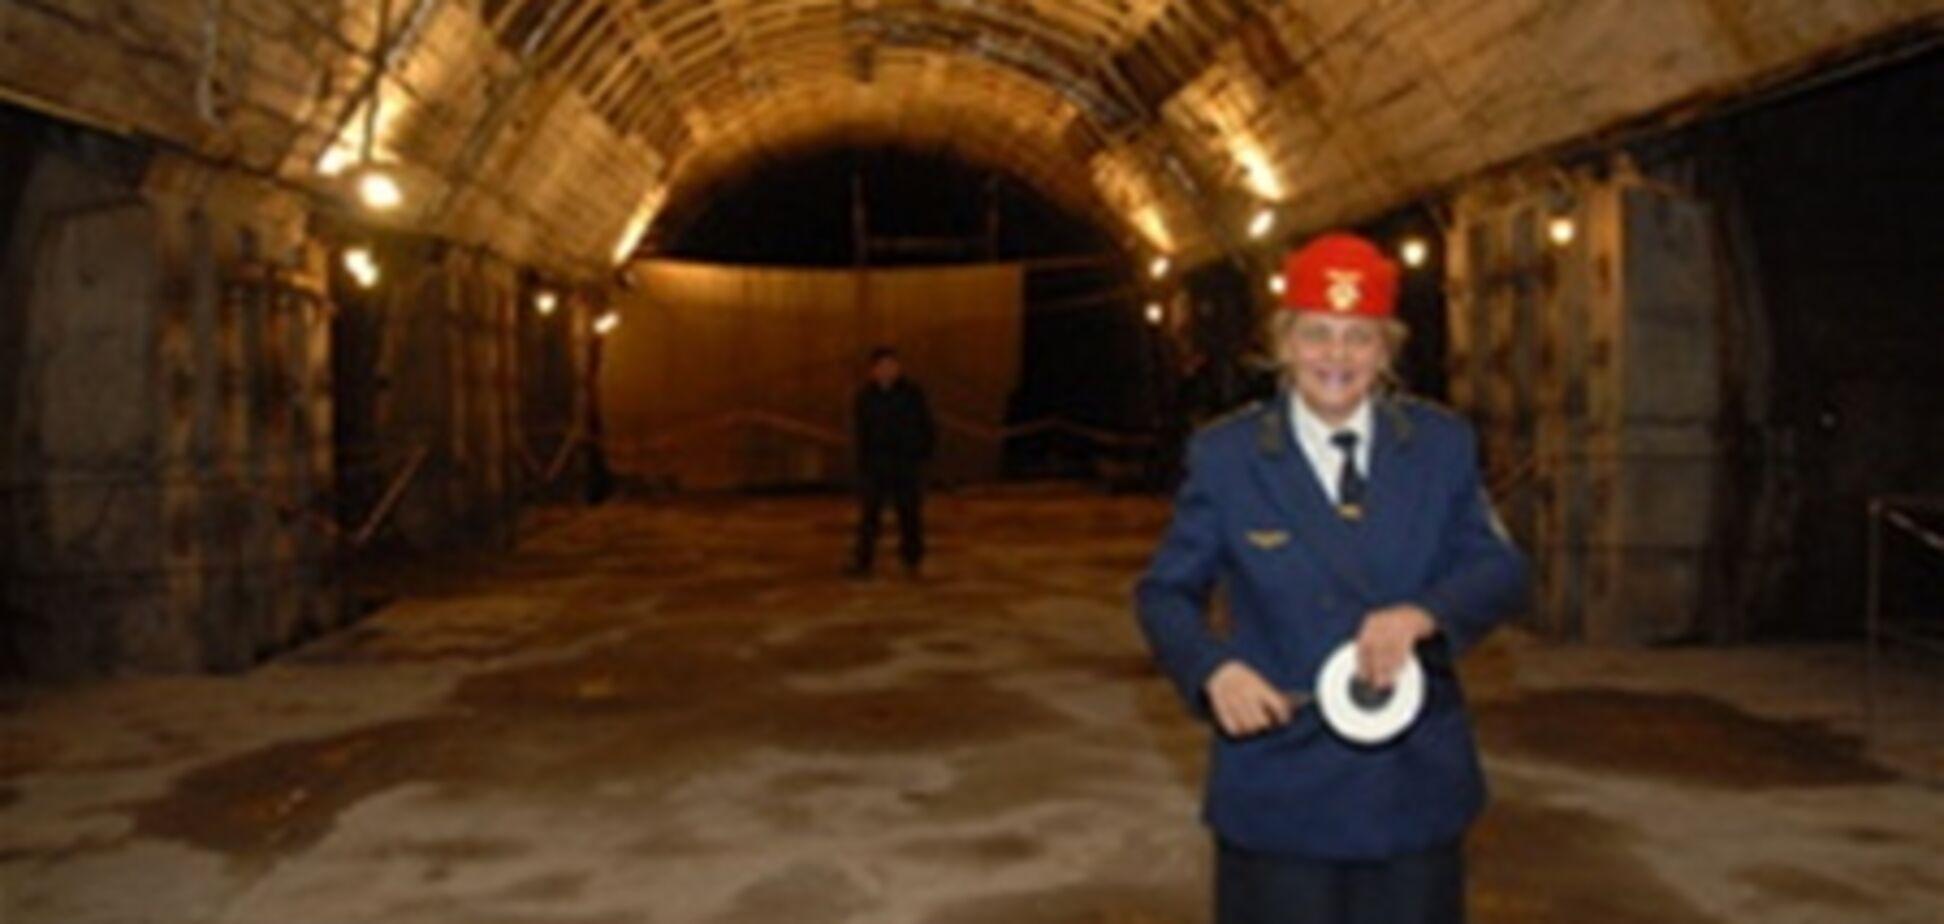 Работы по возобновлению строительства 'Львовской брамы' начнутся в этом году